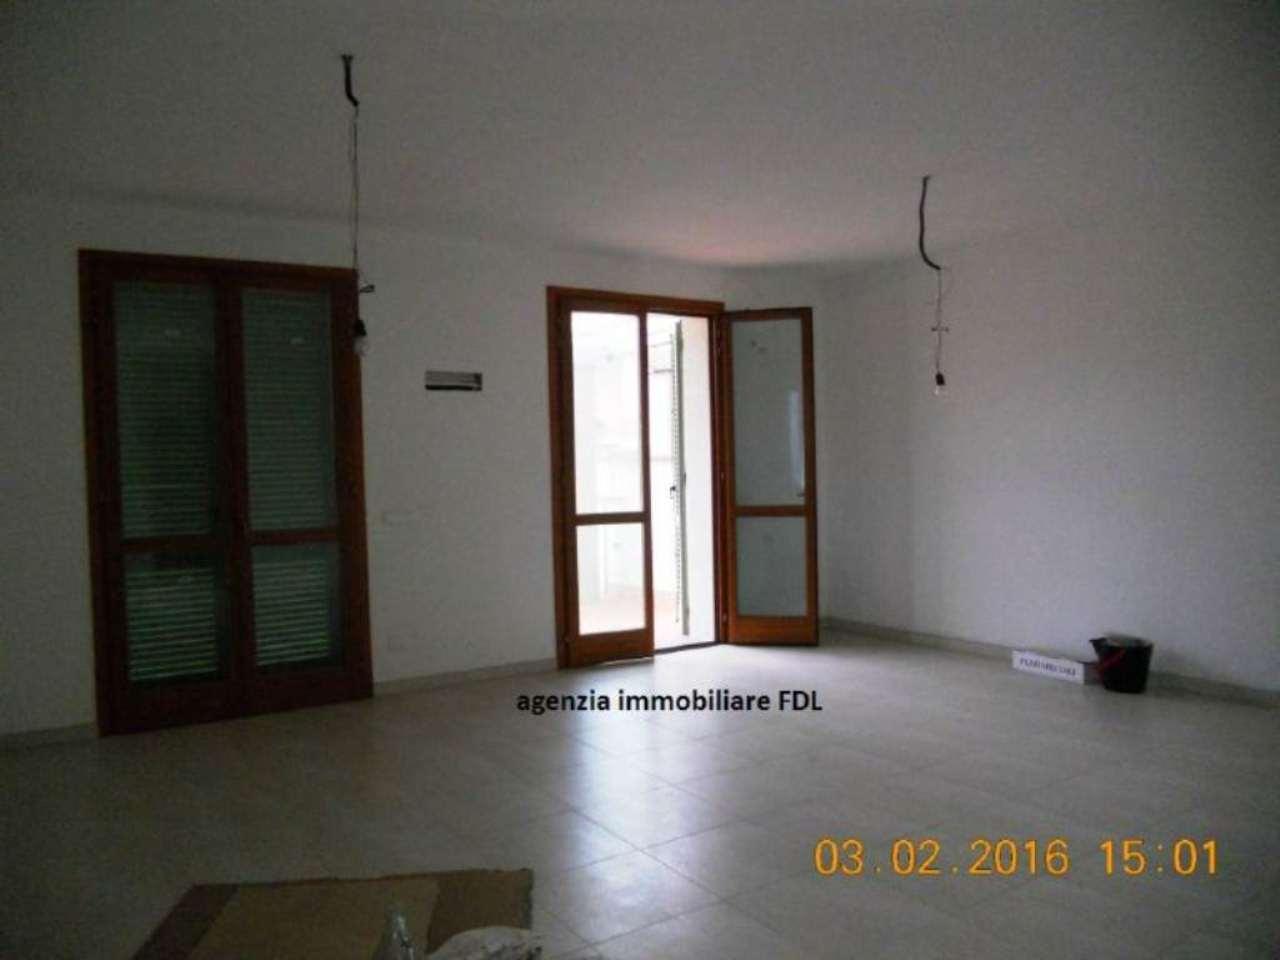 Palazzo / Stabile in vendita a Ponsacco, 8 locali, prezzo € 415.000 | Cambio Casa.it